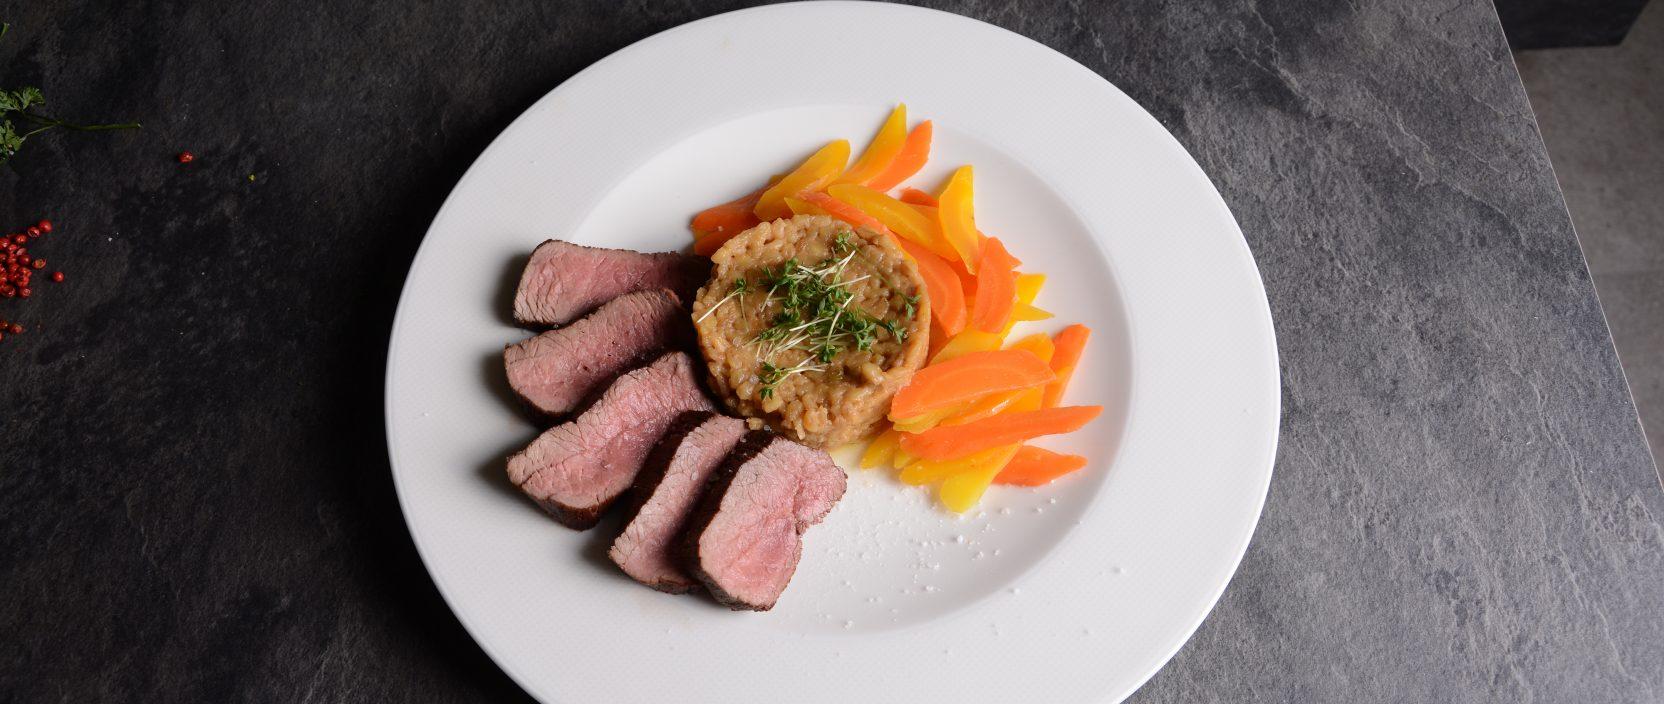 Straußenfleisch als Proteinlieferant von Wiesbauer Gourmet kaufen